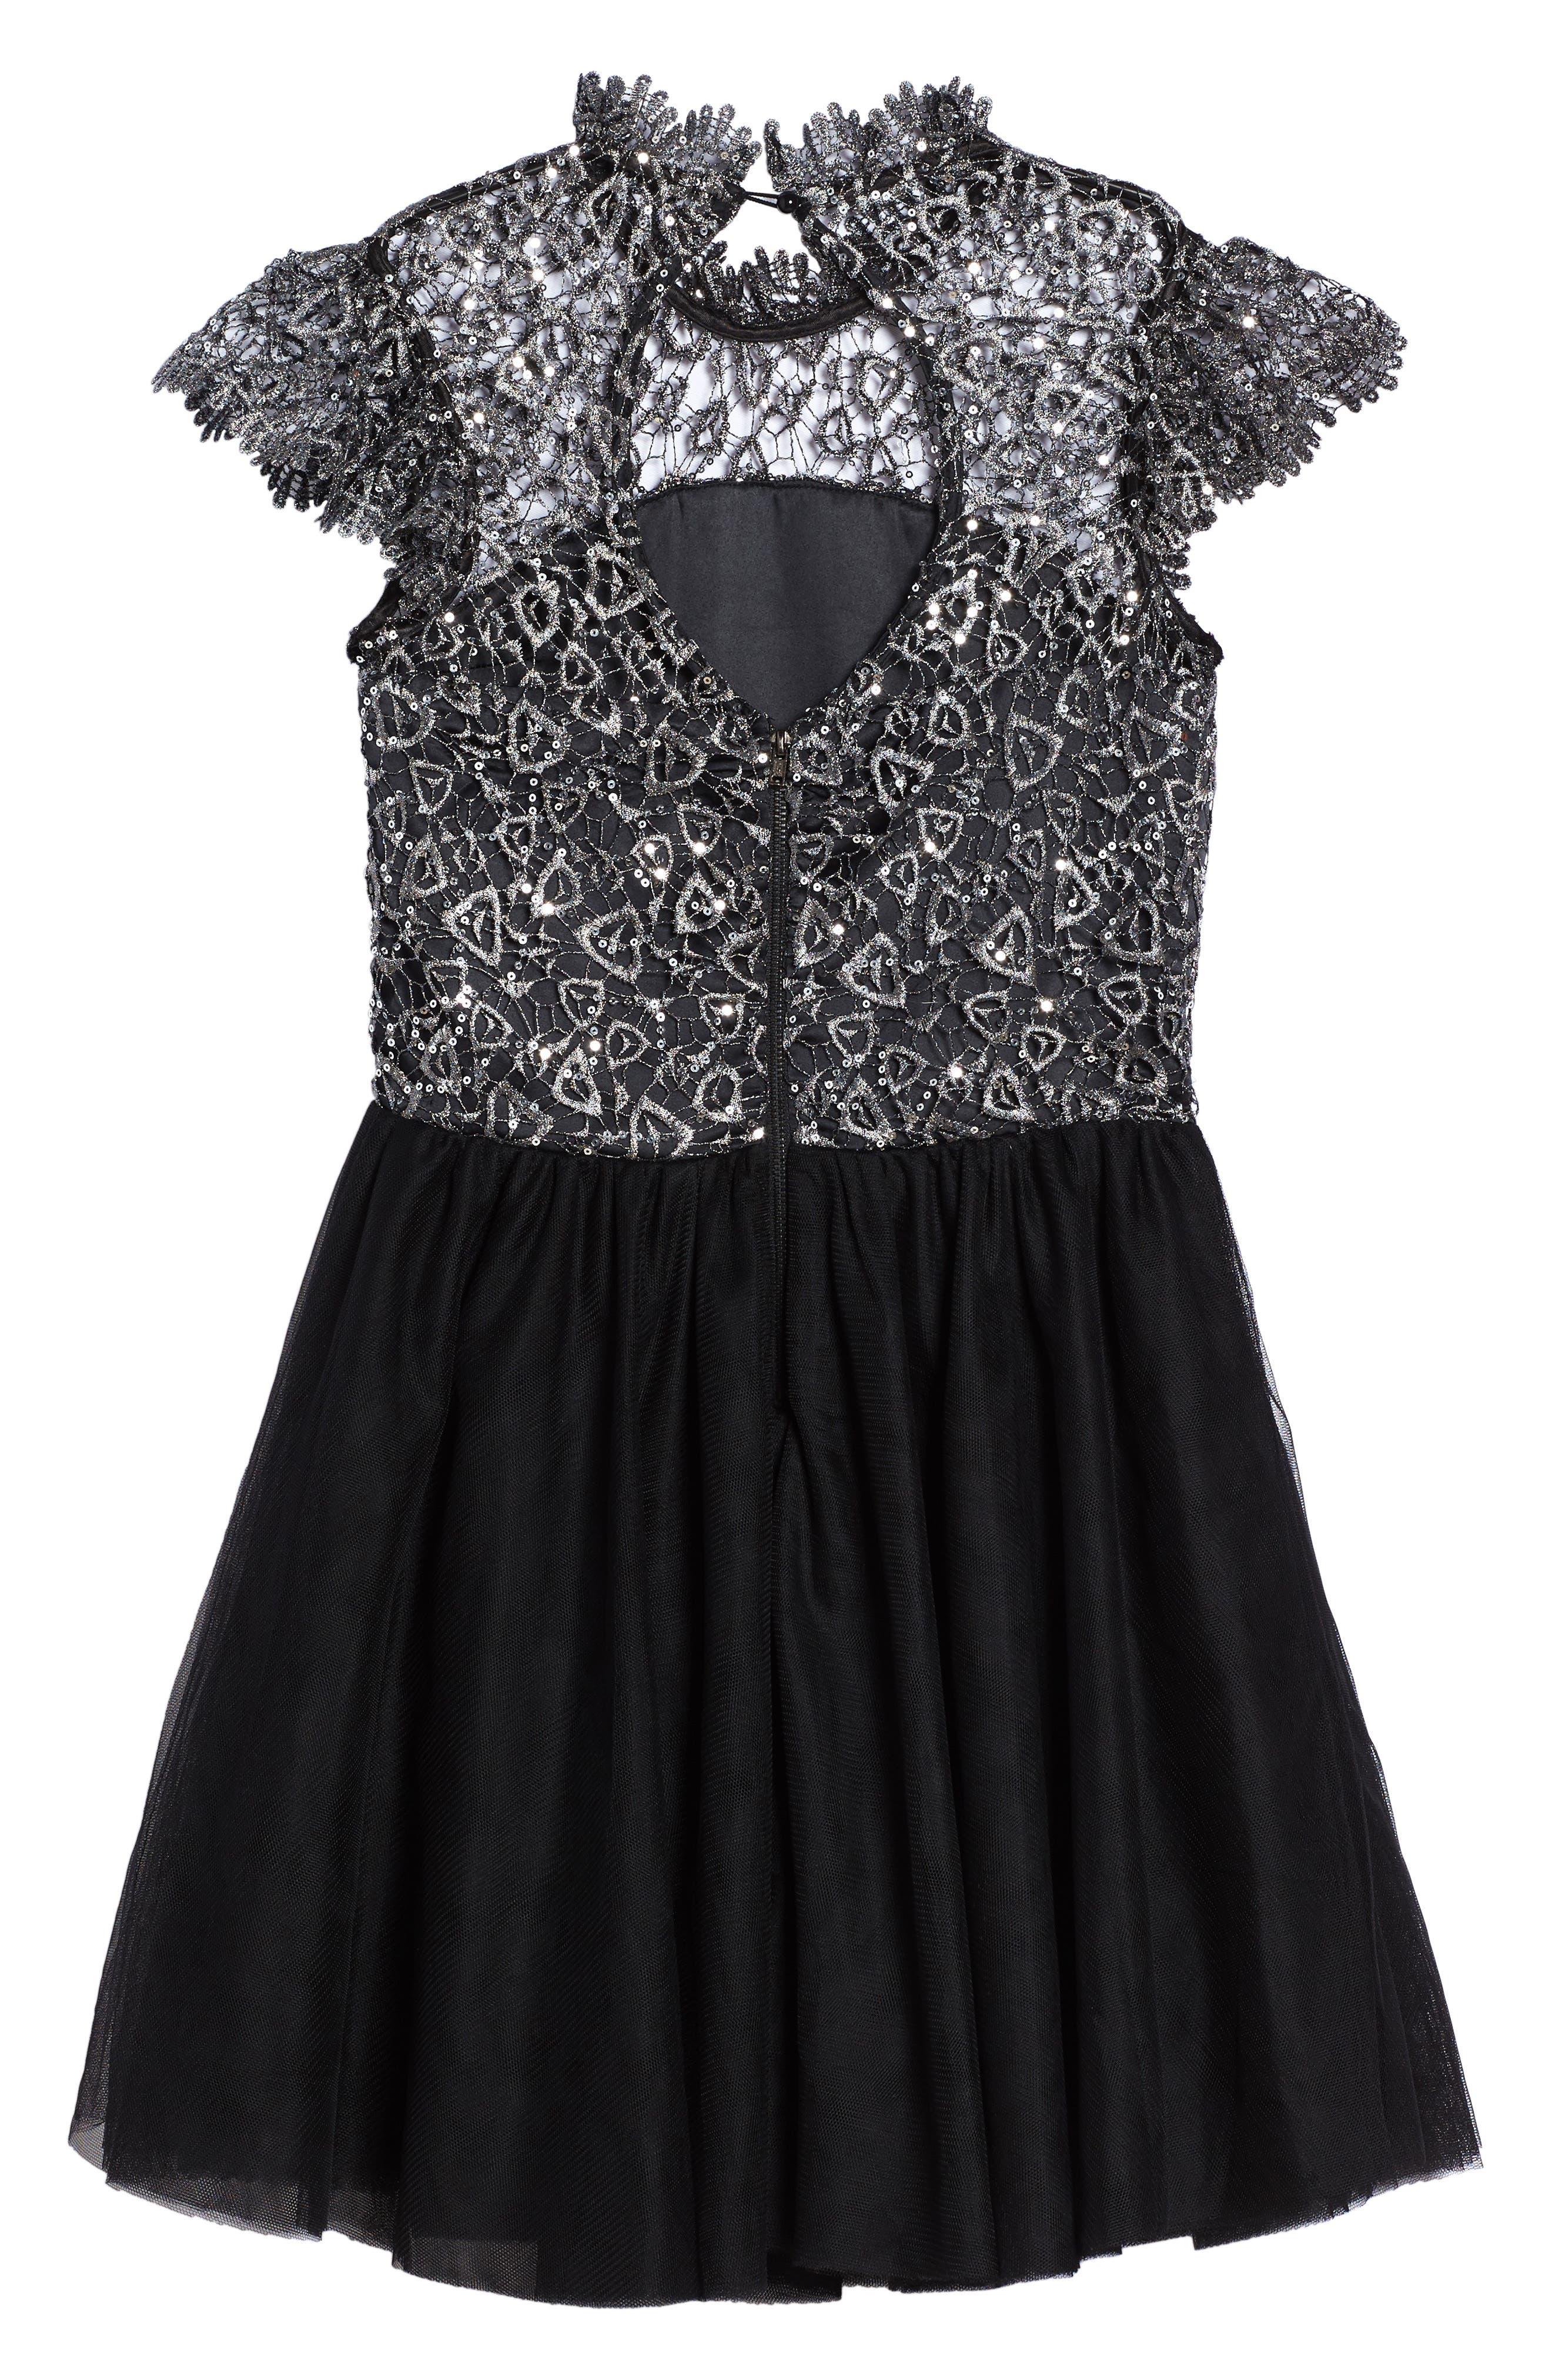 Bling Rocky Dress,                             Alternate thumbnail 2, color,                             Black